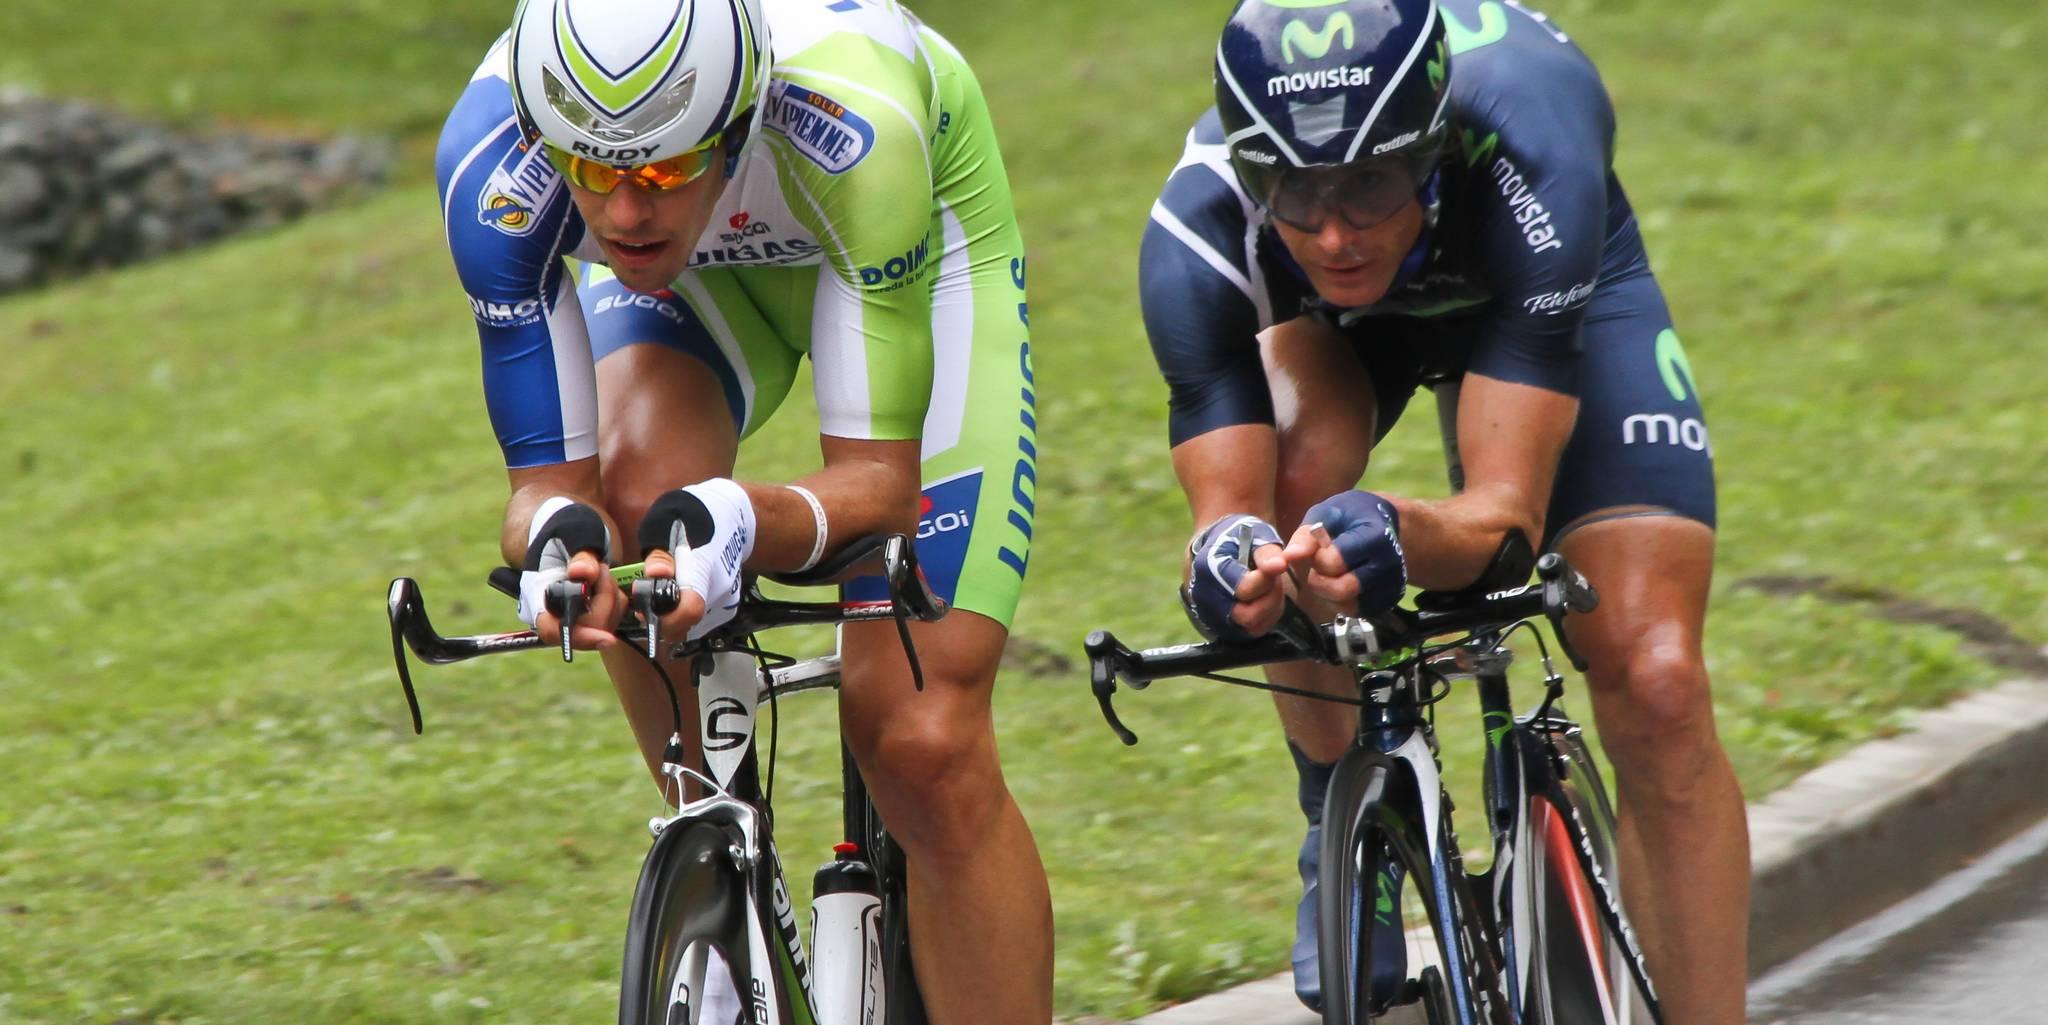 Tour de France time trial ride